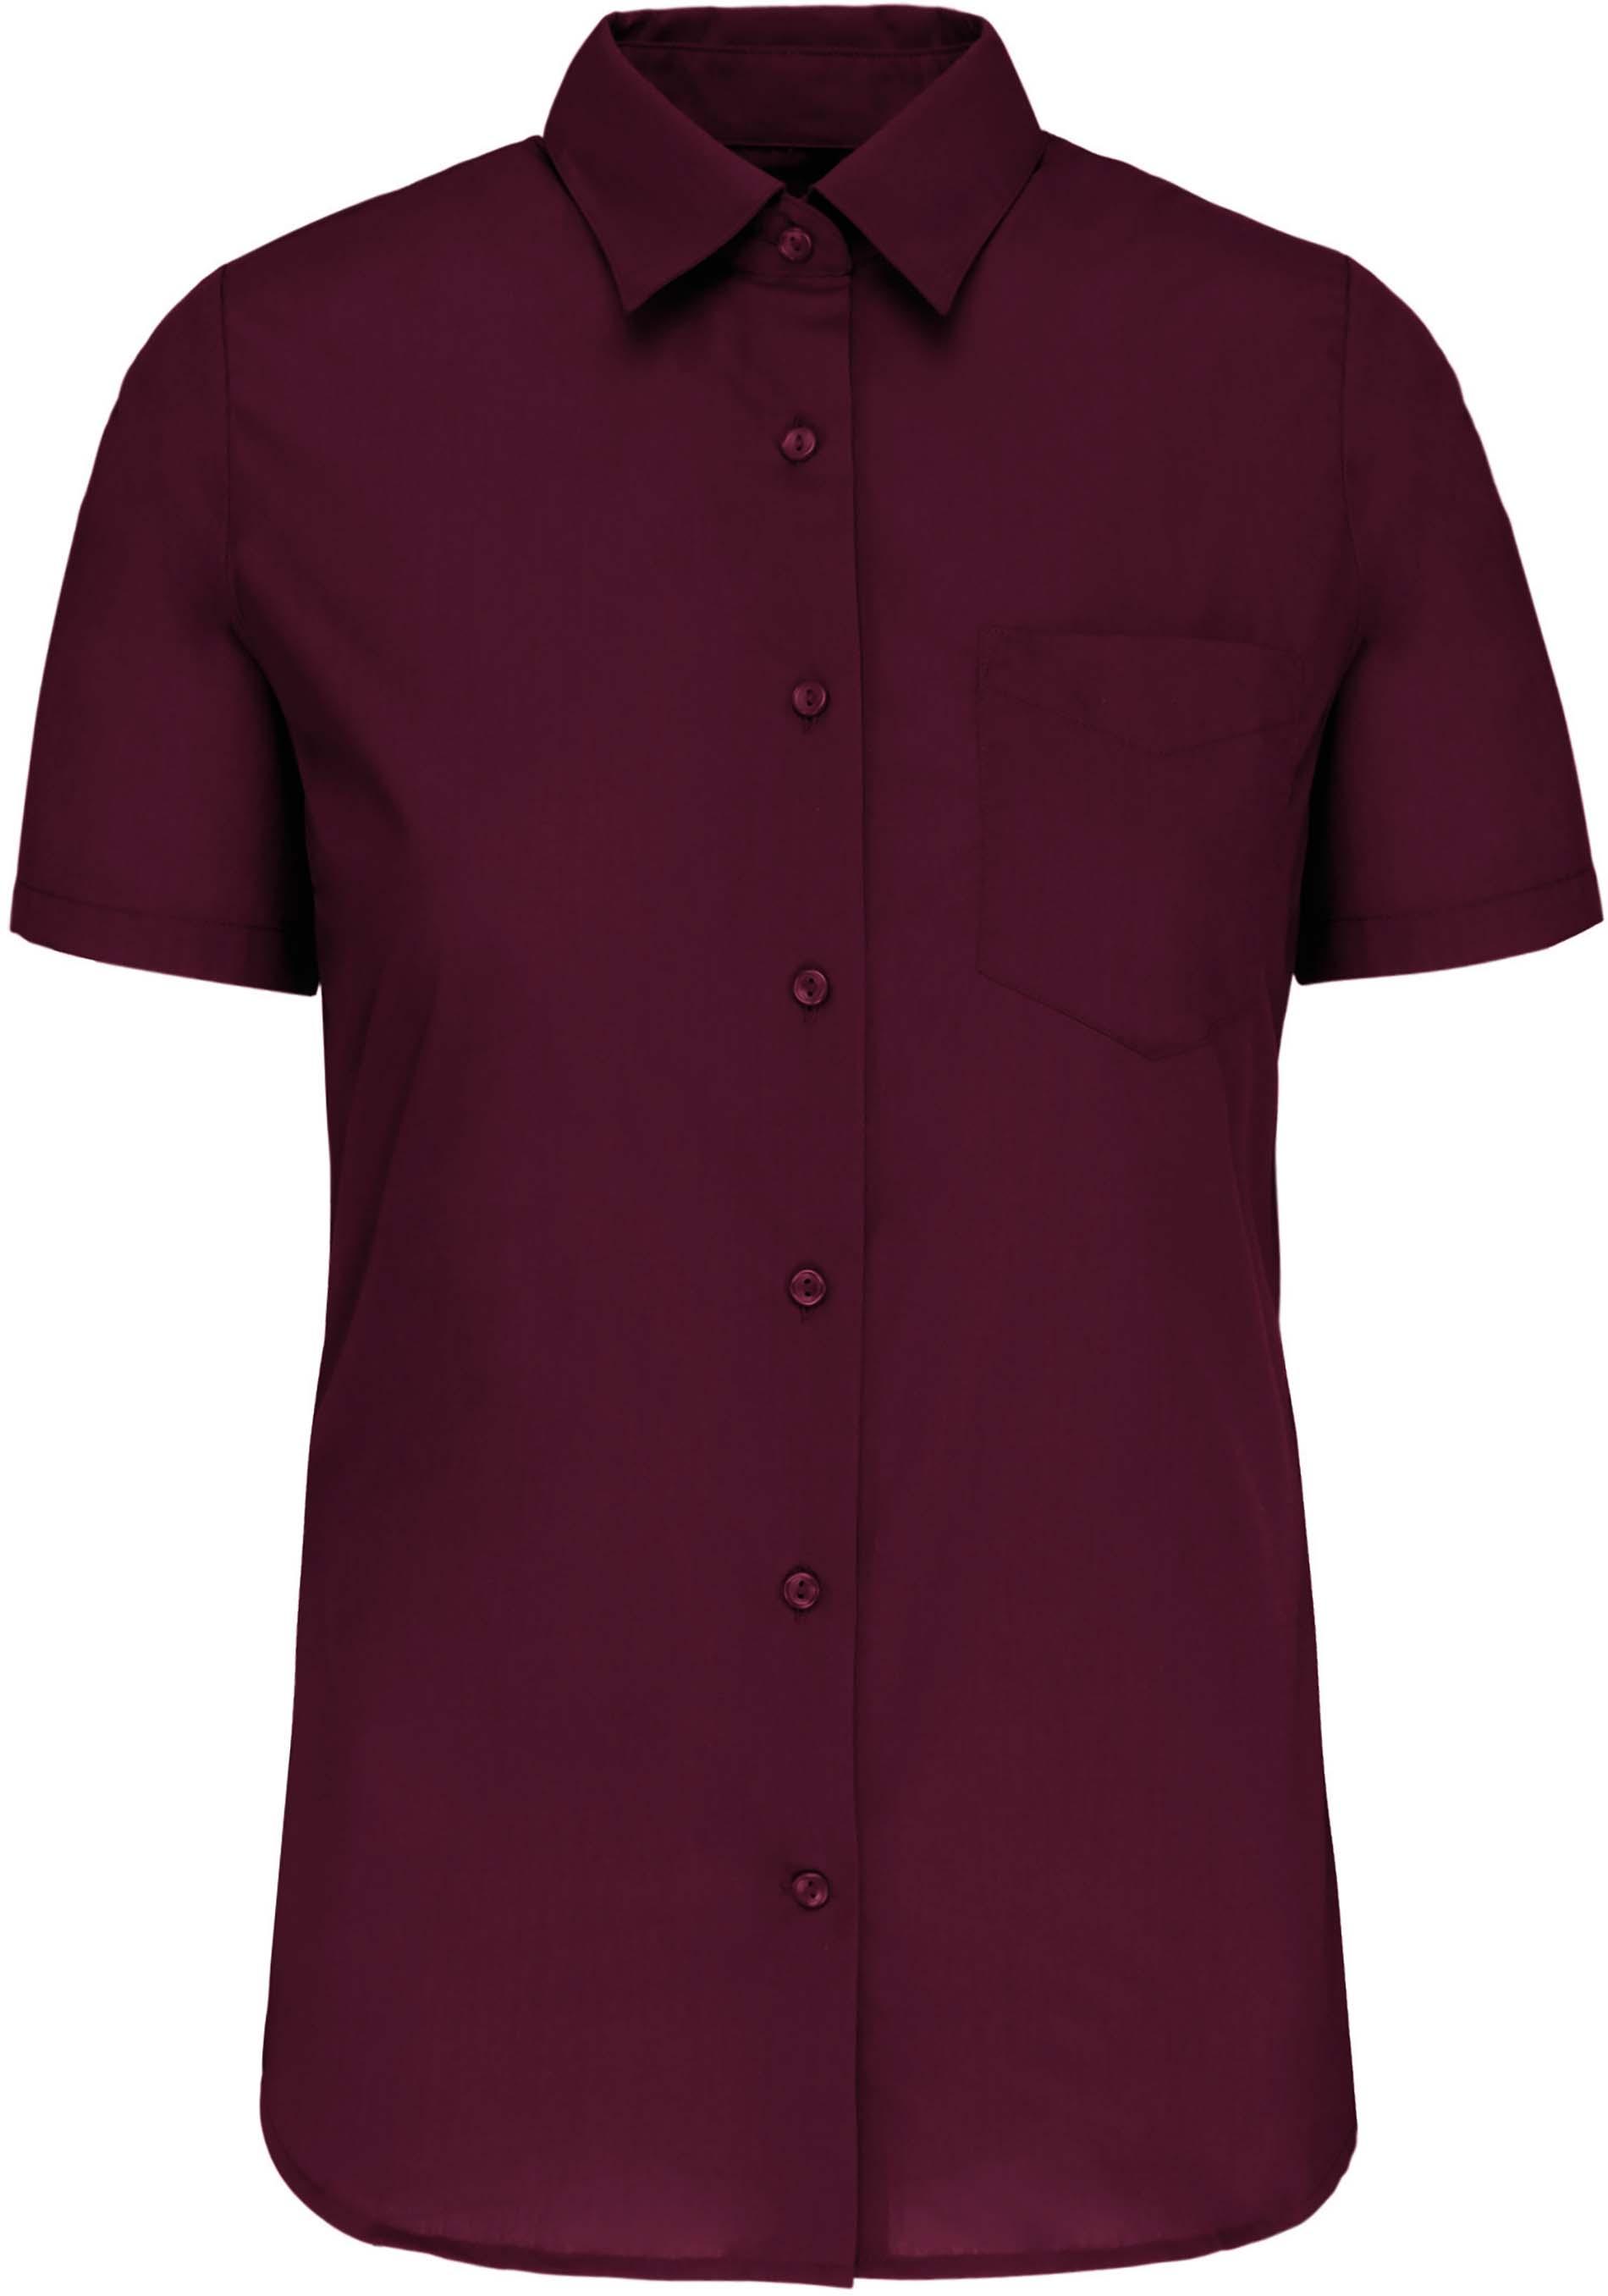 Dámská košile krátký rukáv JUDITH. Barva: Wine